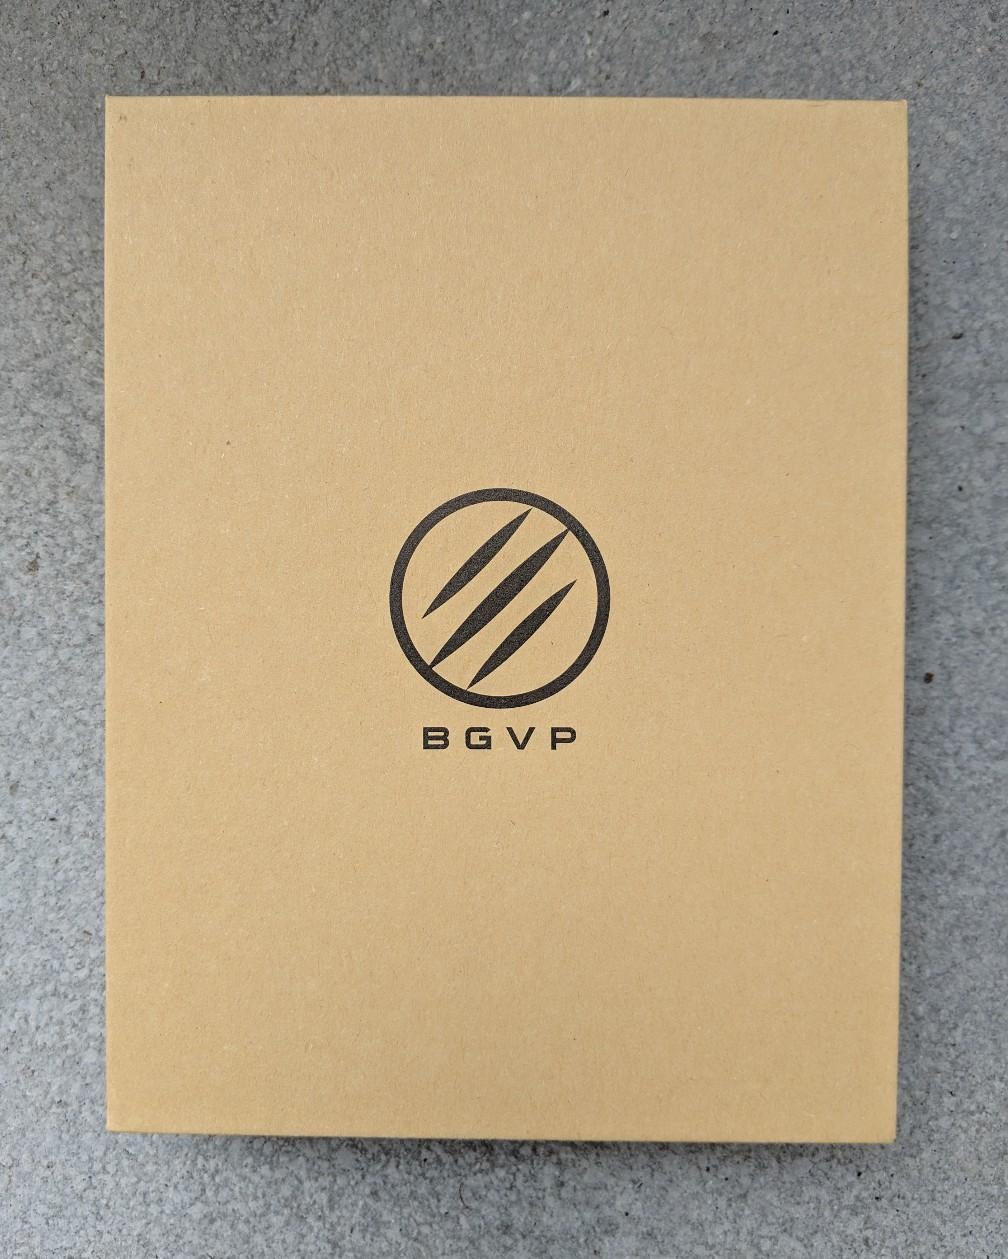 Box for the DM7 earphones.